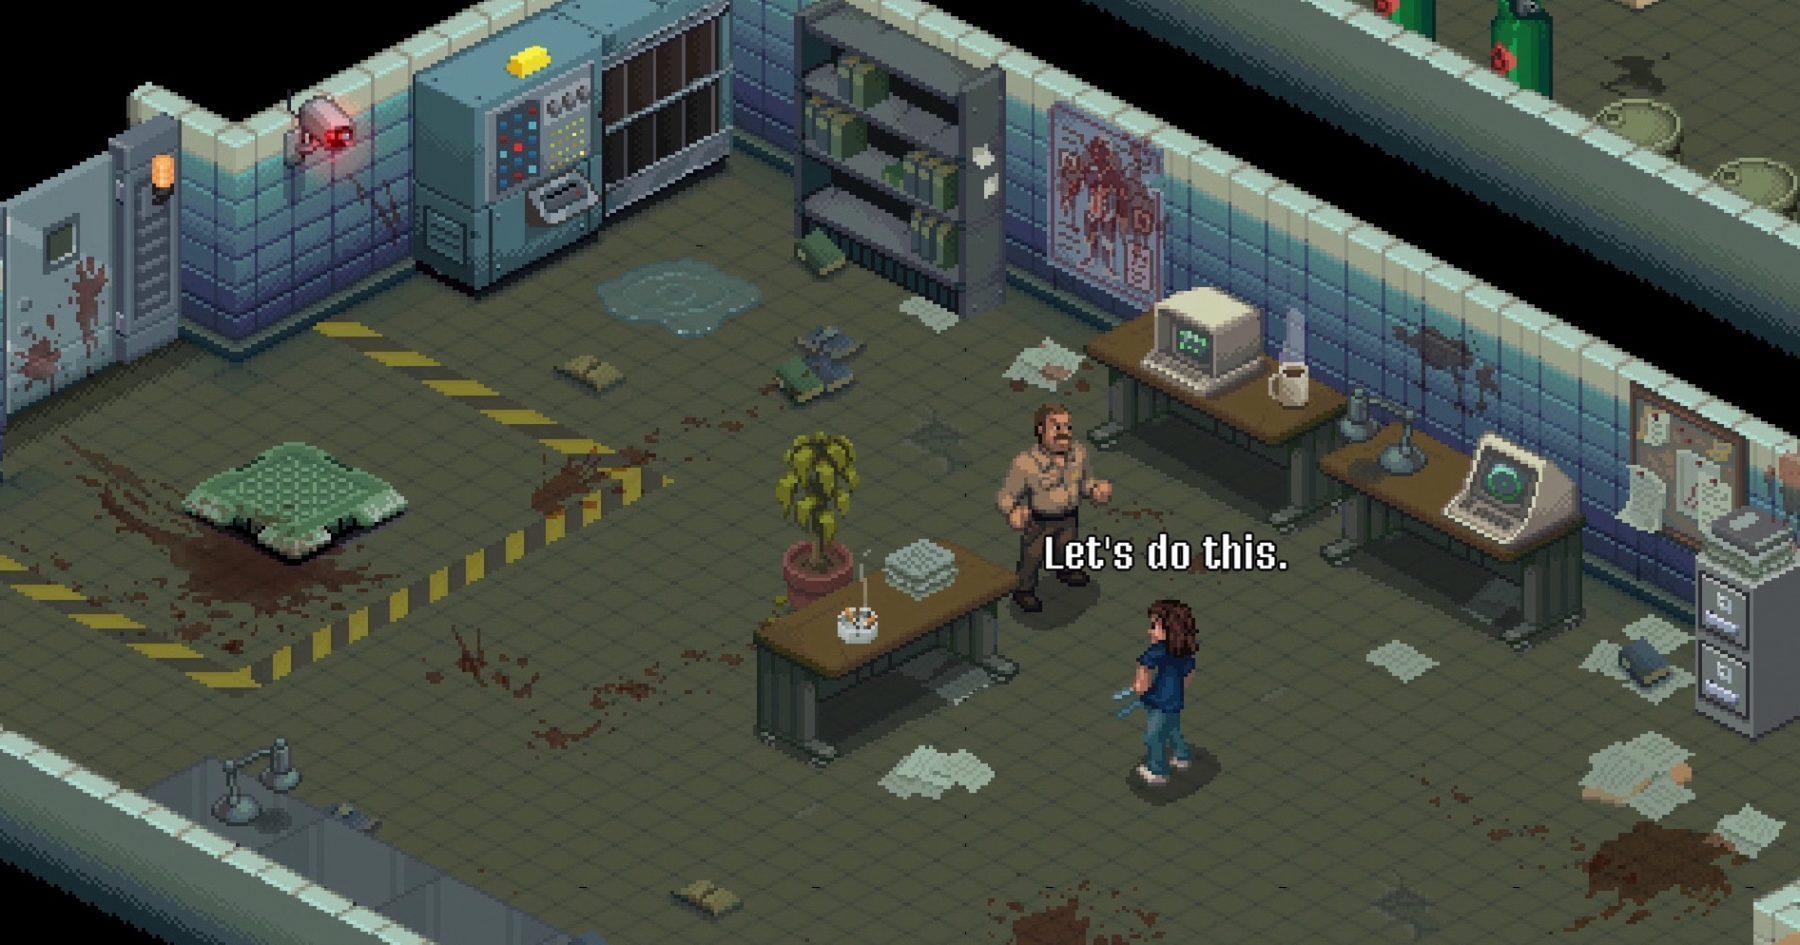 Nintendo Download: Stranger Things 3: The Game screenshot